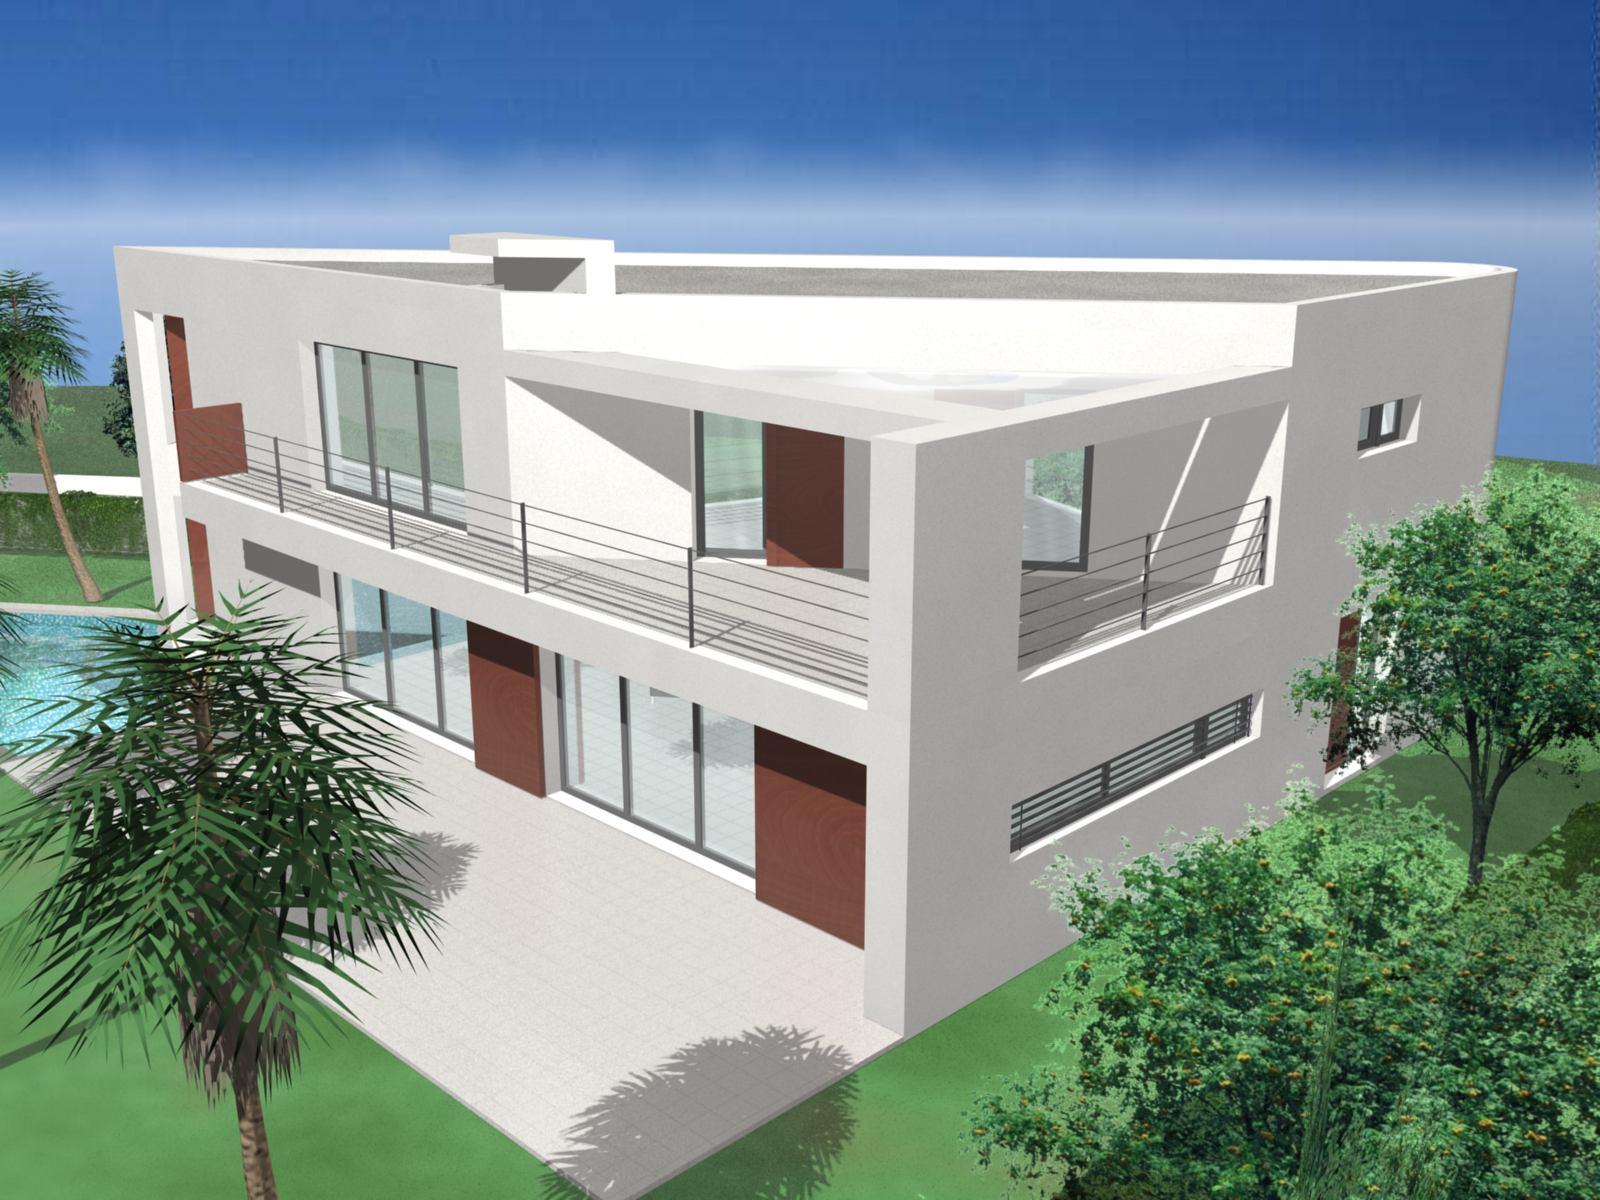 Maison moderne tunisie des id es novatrices sur la for Architecture maison tunisie moderne